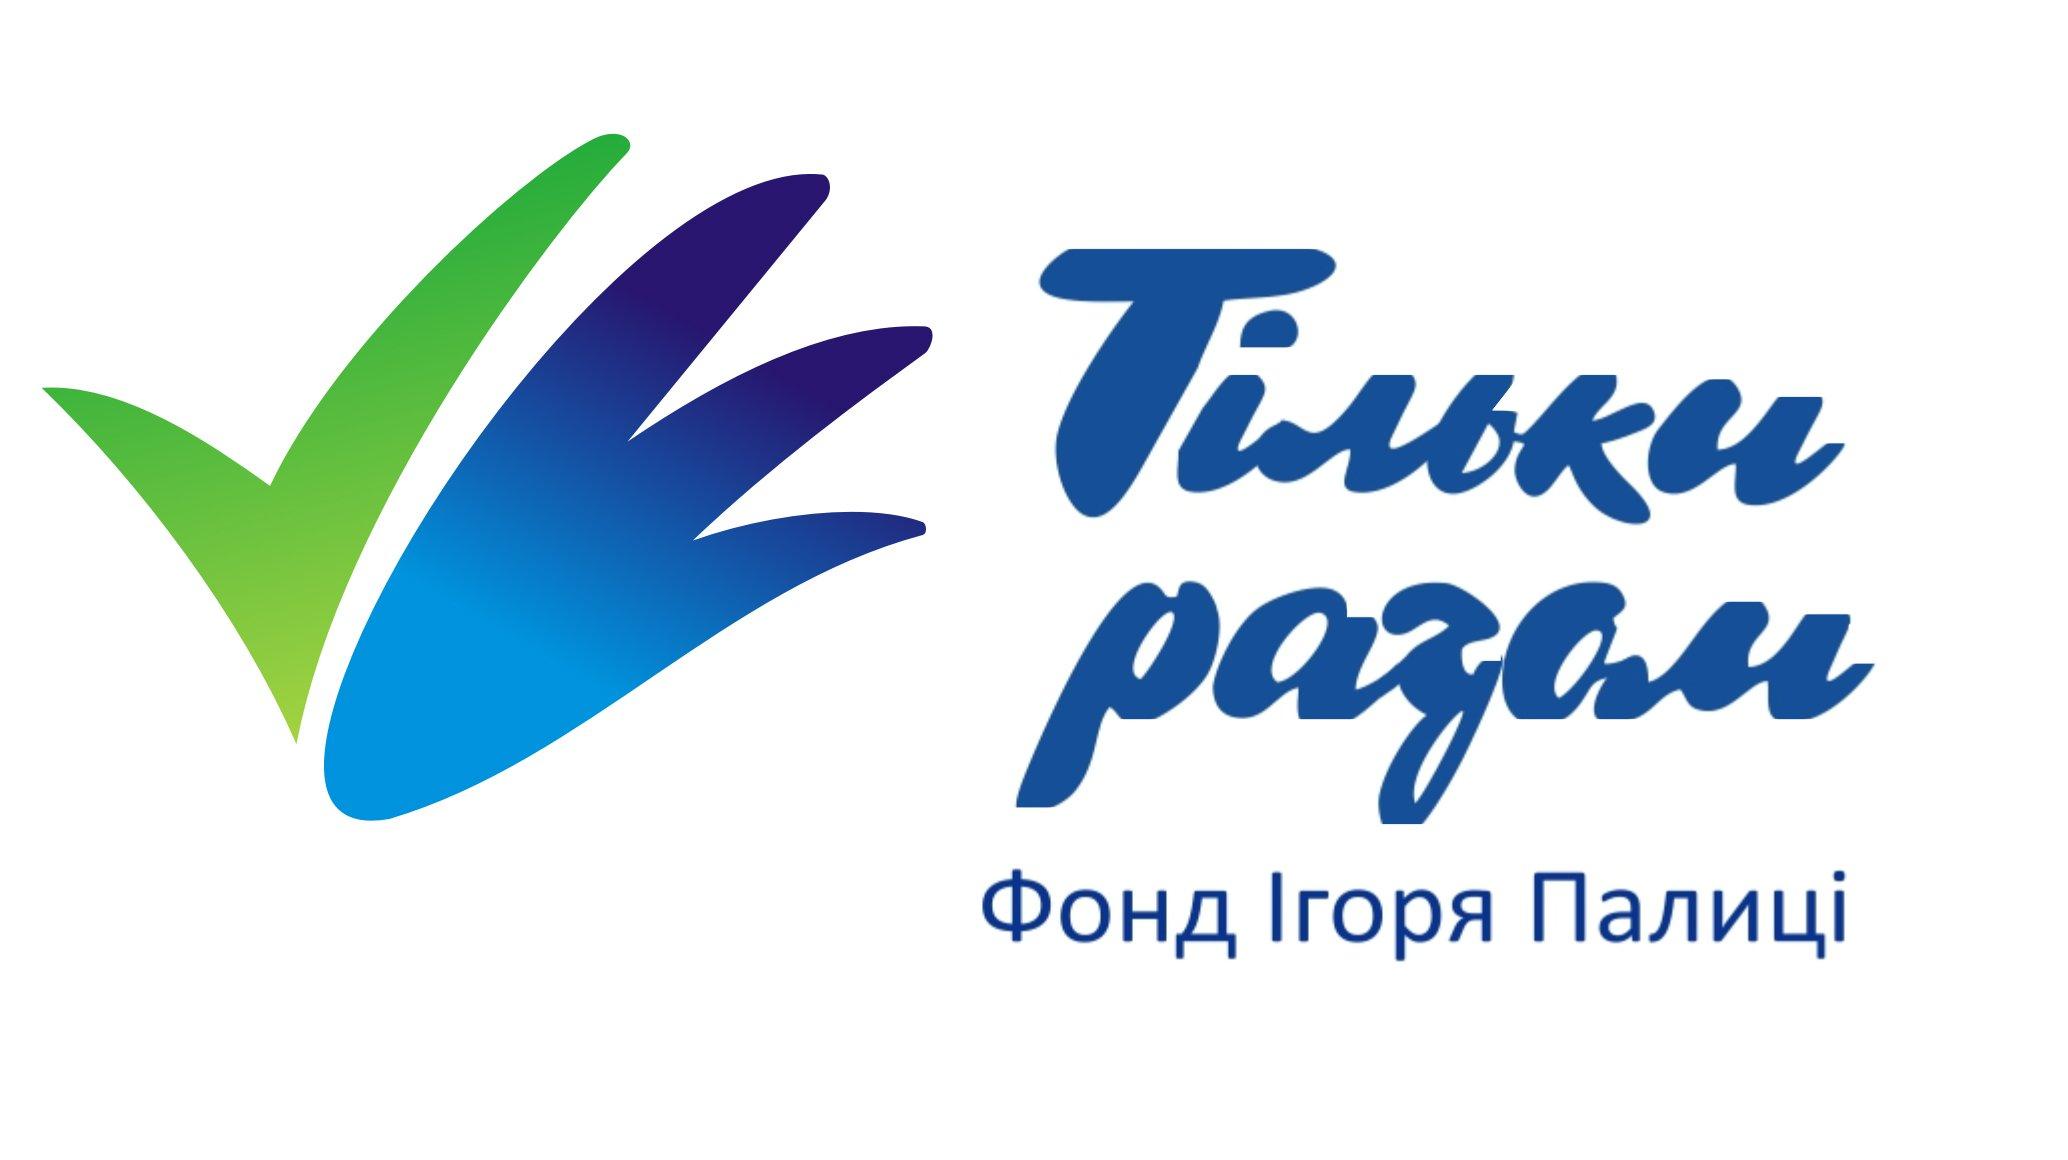 Фонду Ігоря Палиці «Тільки разом» - 6 років 066c4c3c83bf1